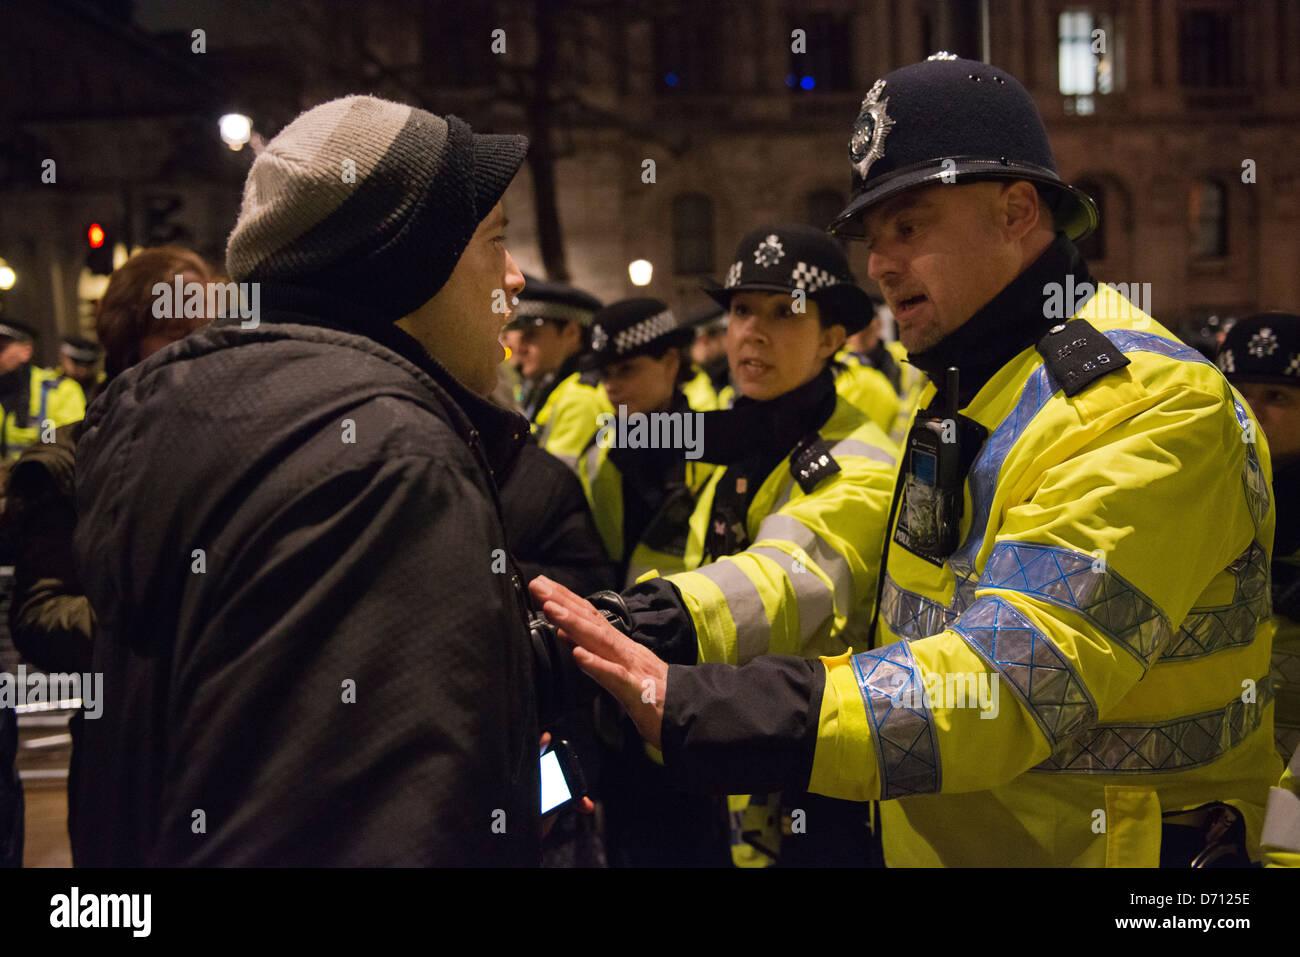 Metropolitan police tente de calmer un manifestant qui sent qu'il est détenue contre son gré Photo Stock